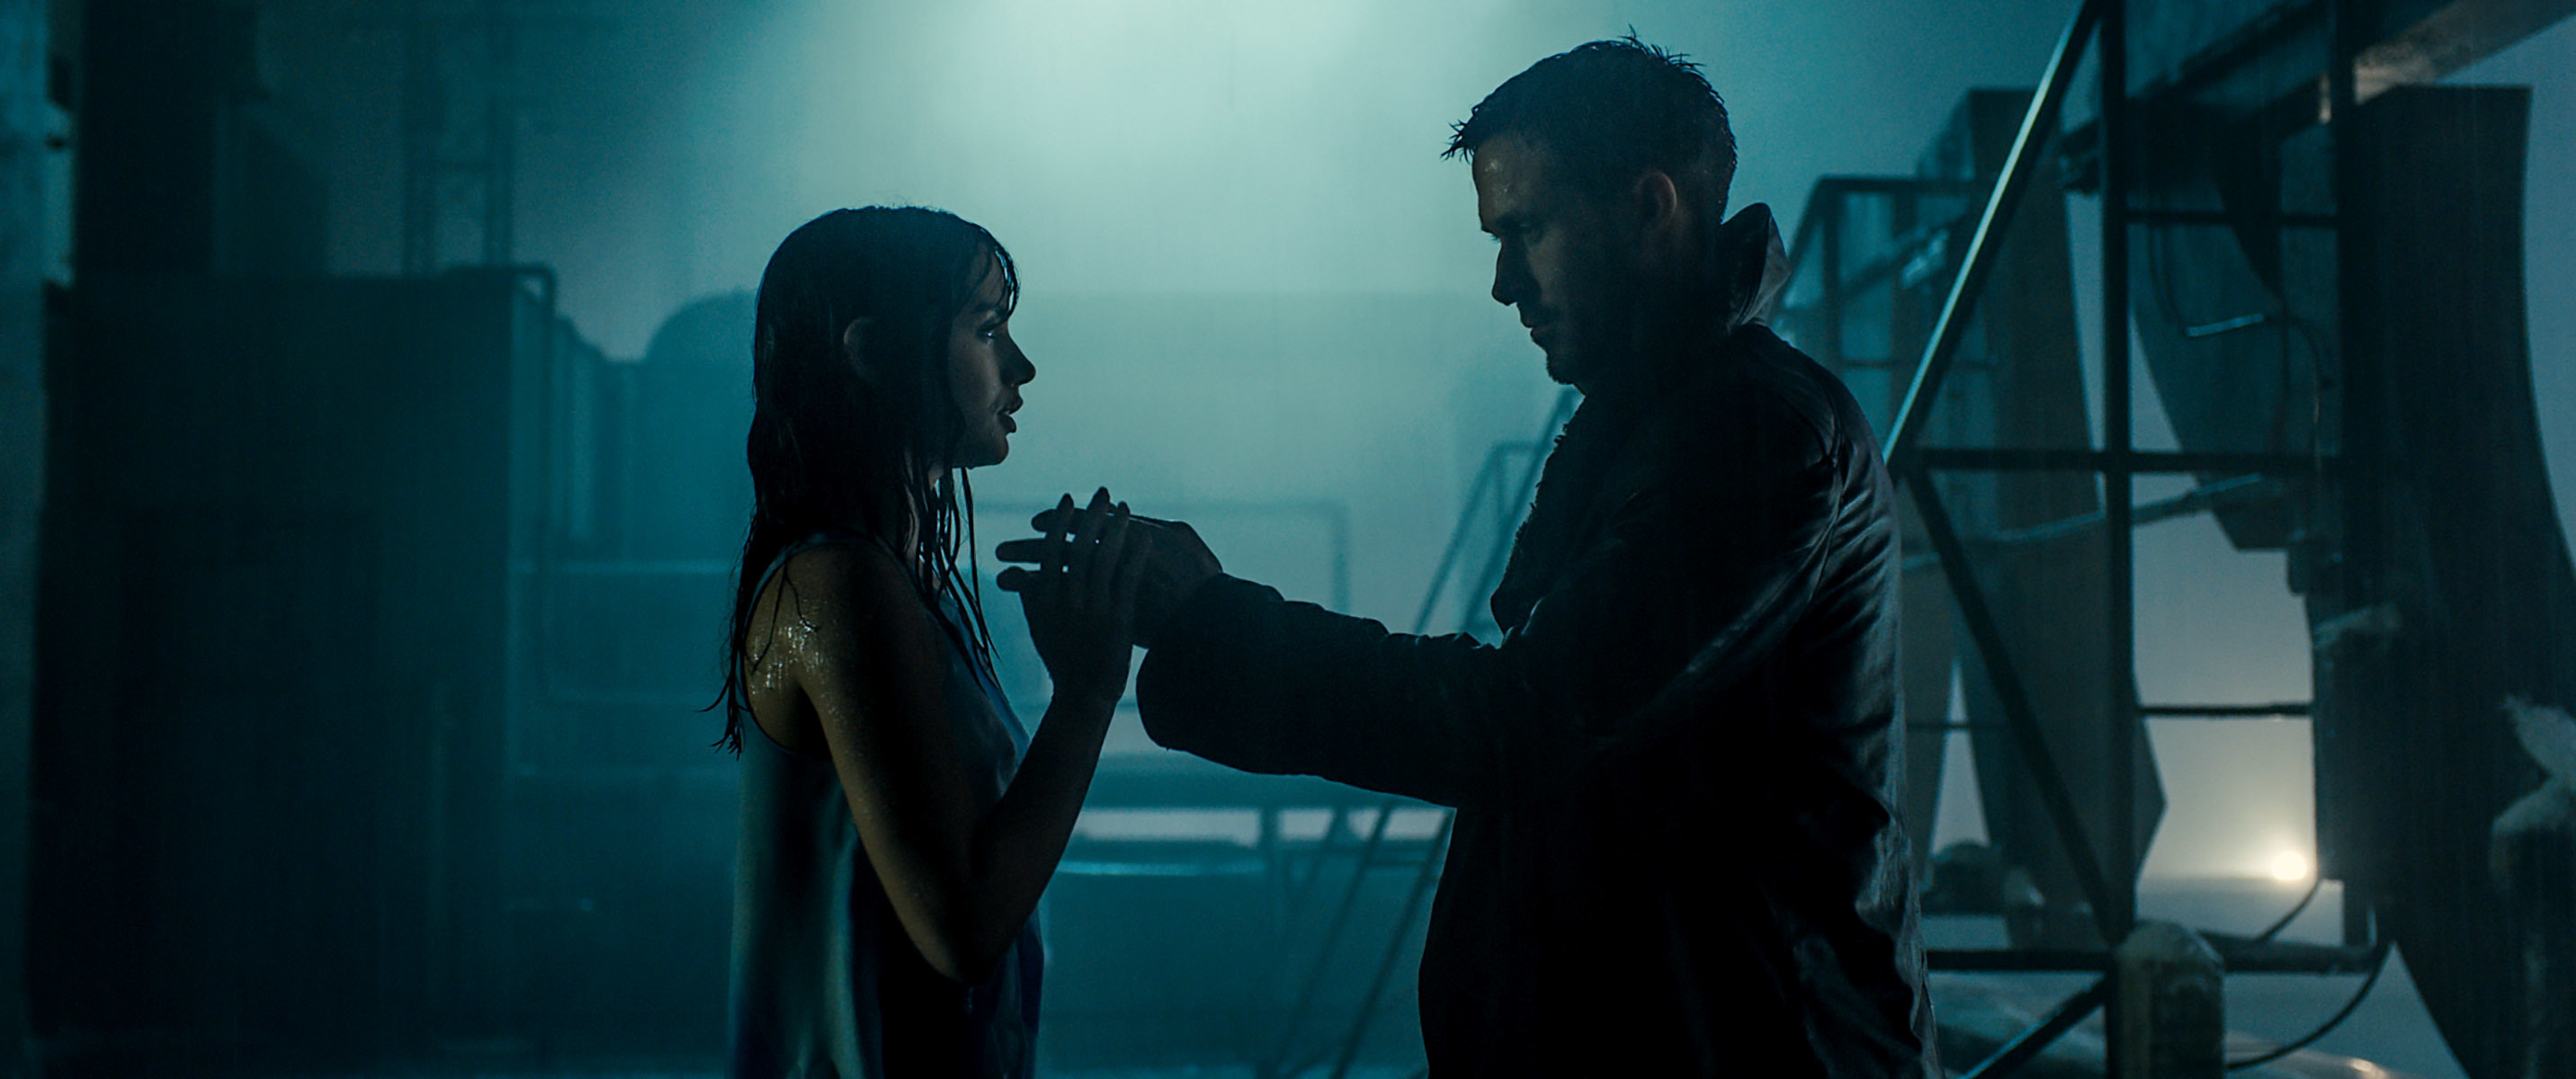 Mejores efectos especiales: Blade Runner 2049